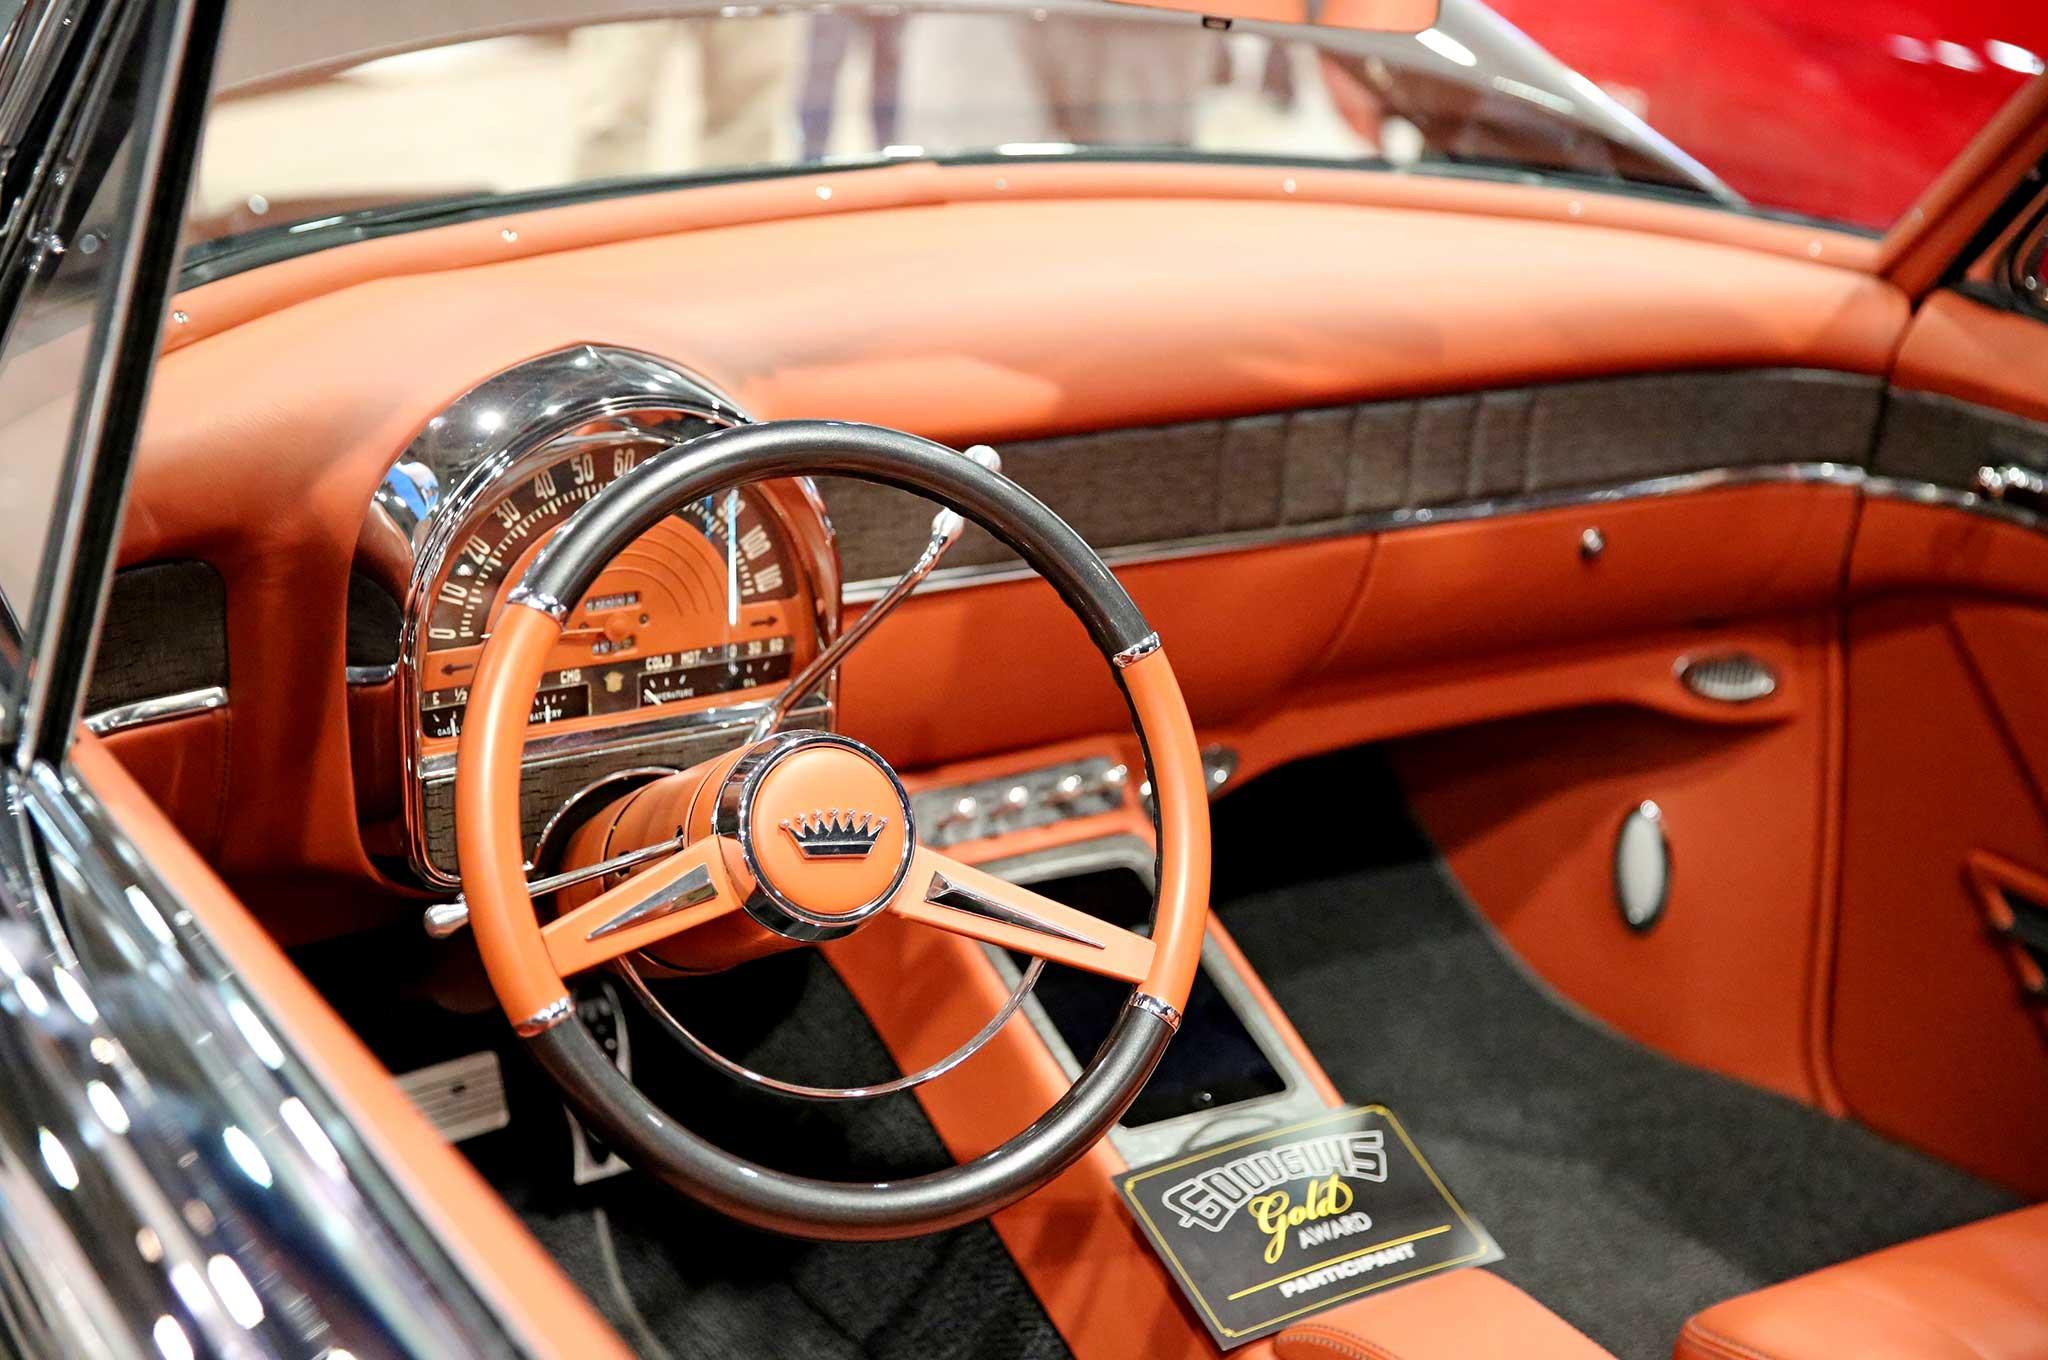 1953 Cadillac at SEMA 2016 #TENSEMA16